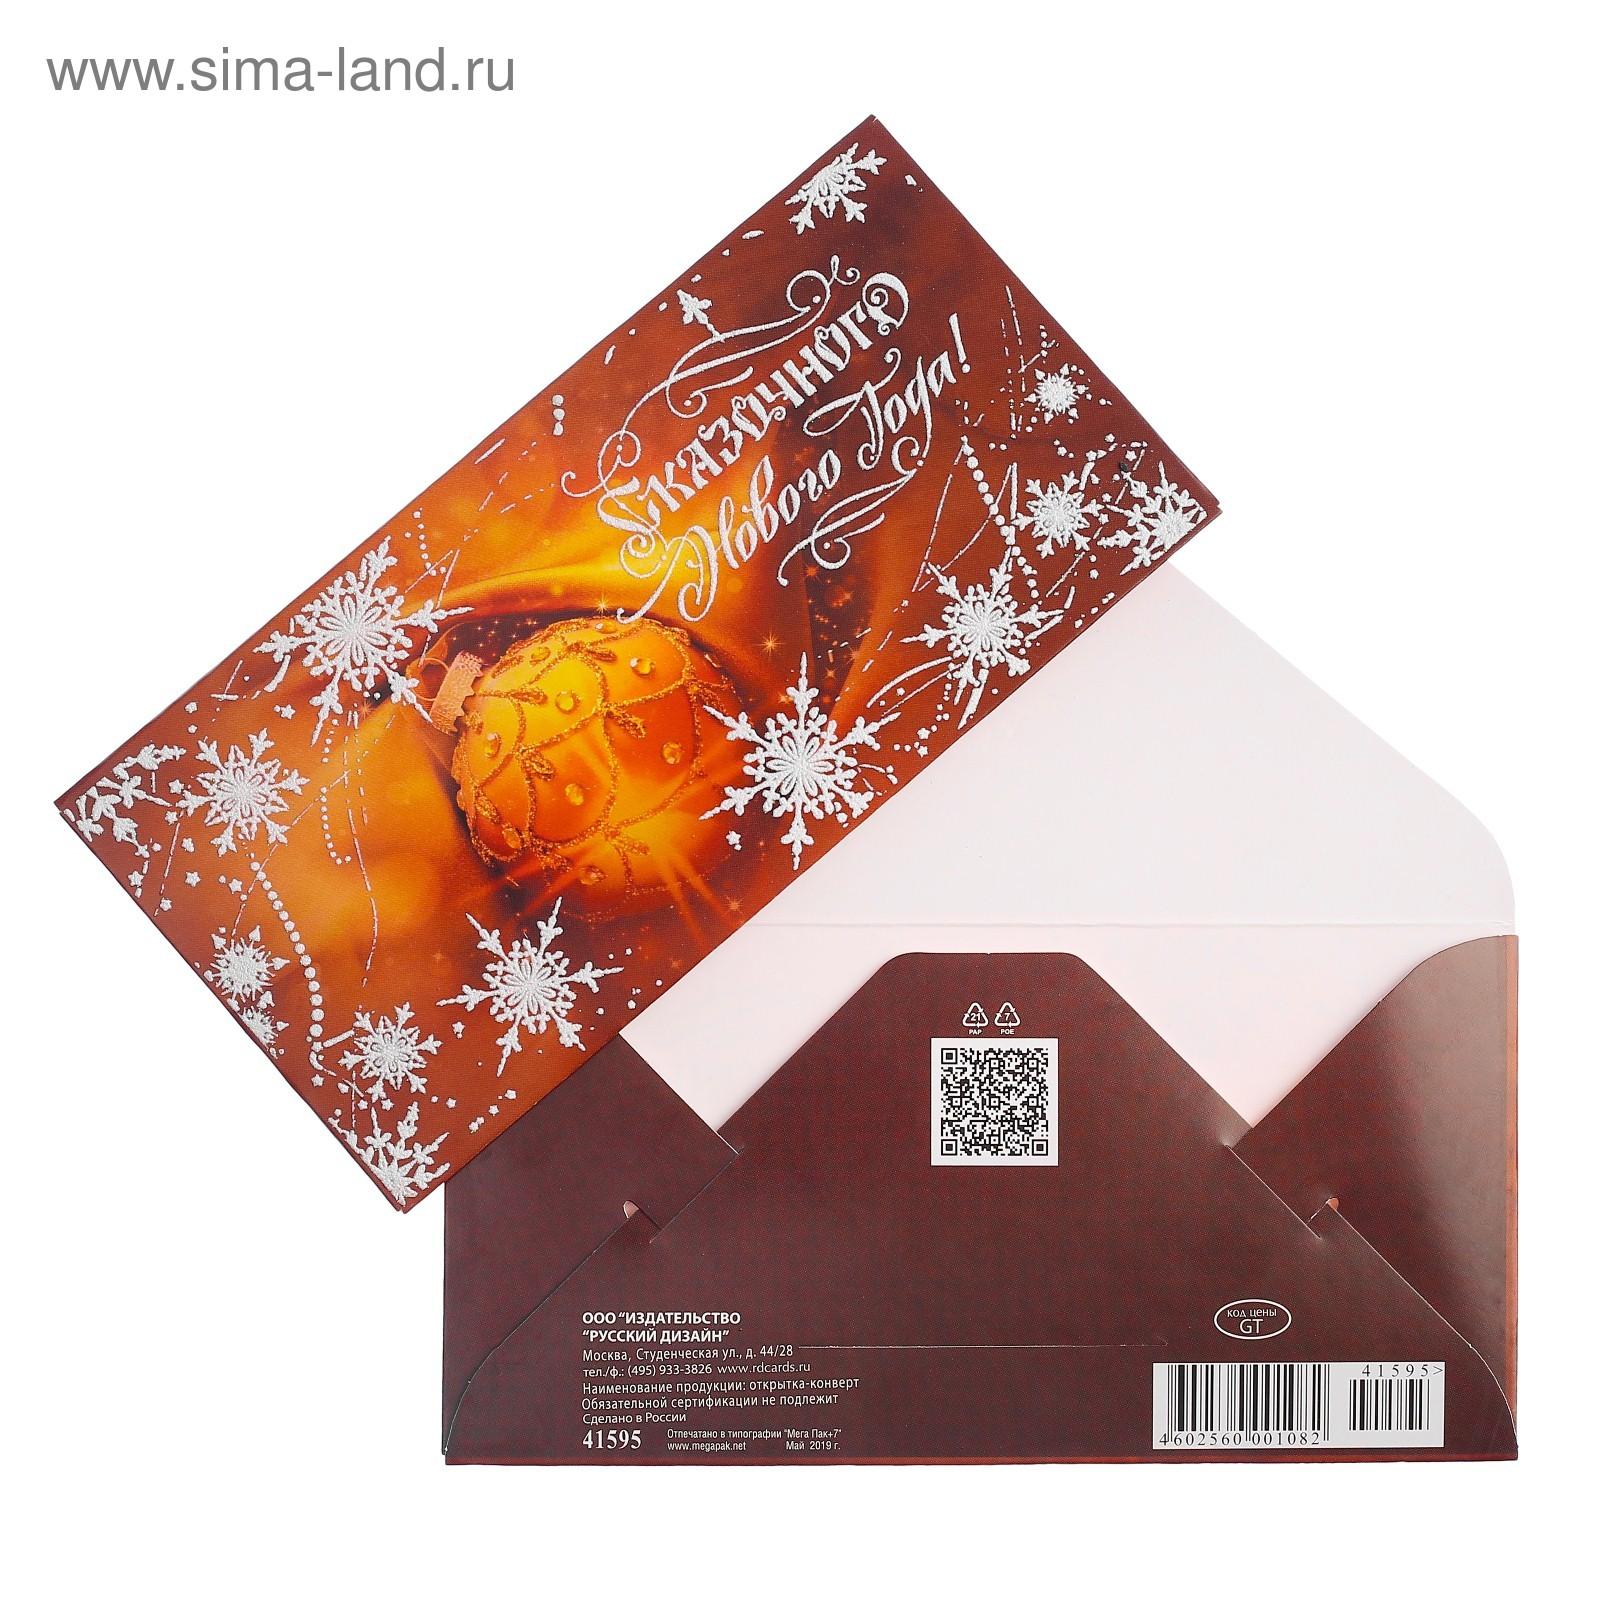 Ооо издательство русский дизайн открытки